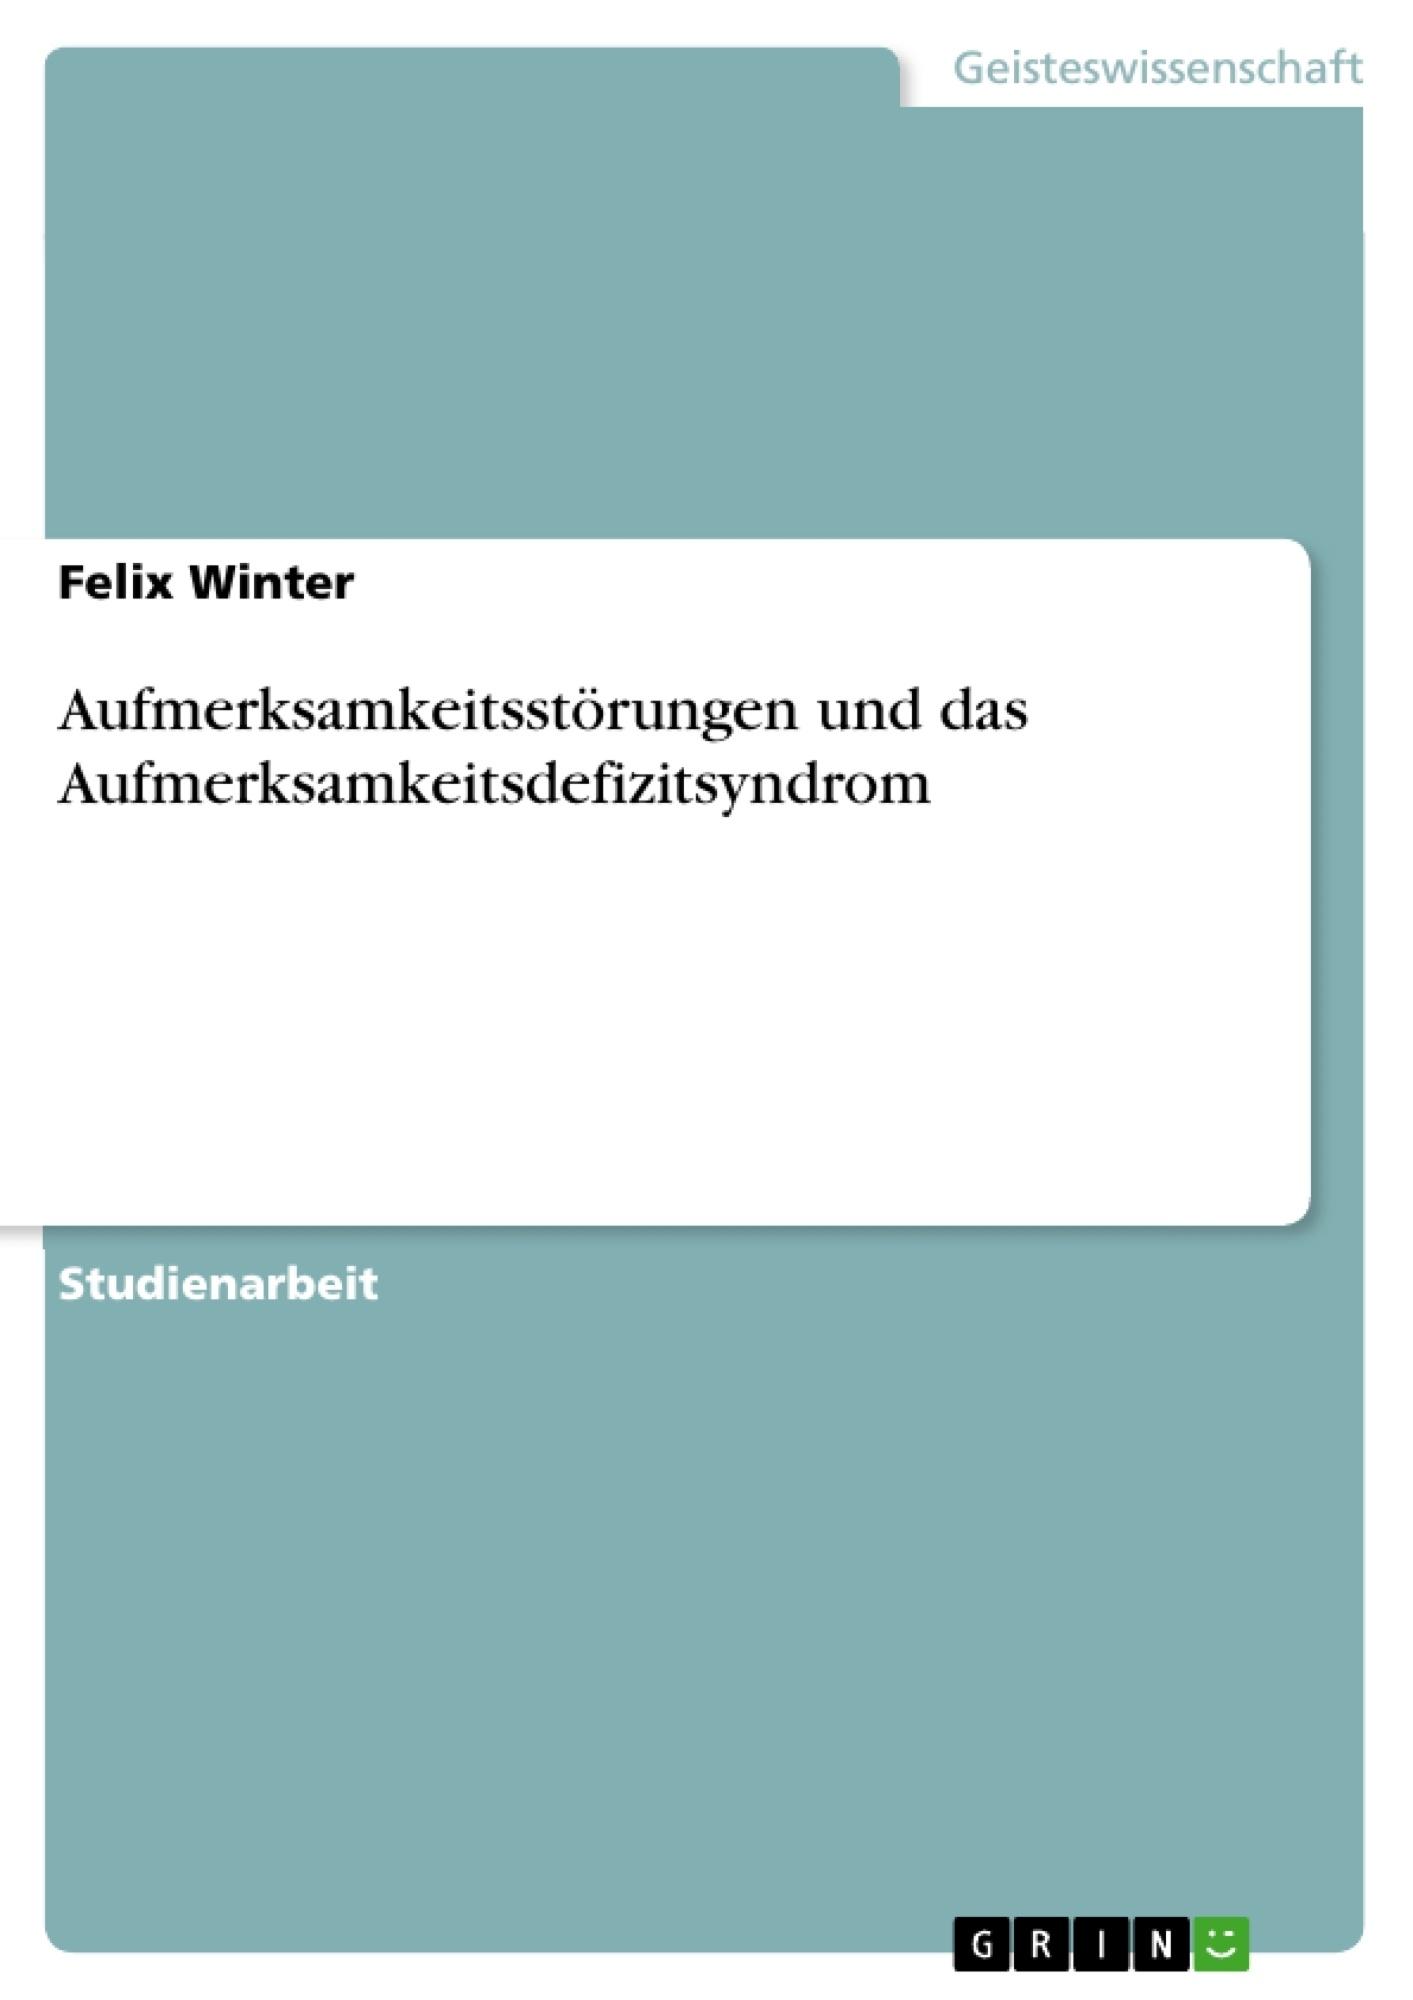 Titel: Aufmerksamkeitsstörungen und das Aufmerksamkeitsdefizitsyndrom